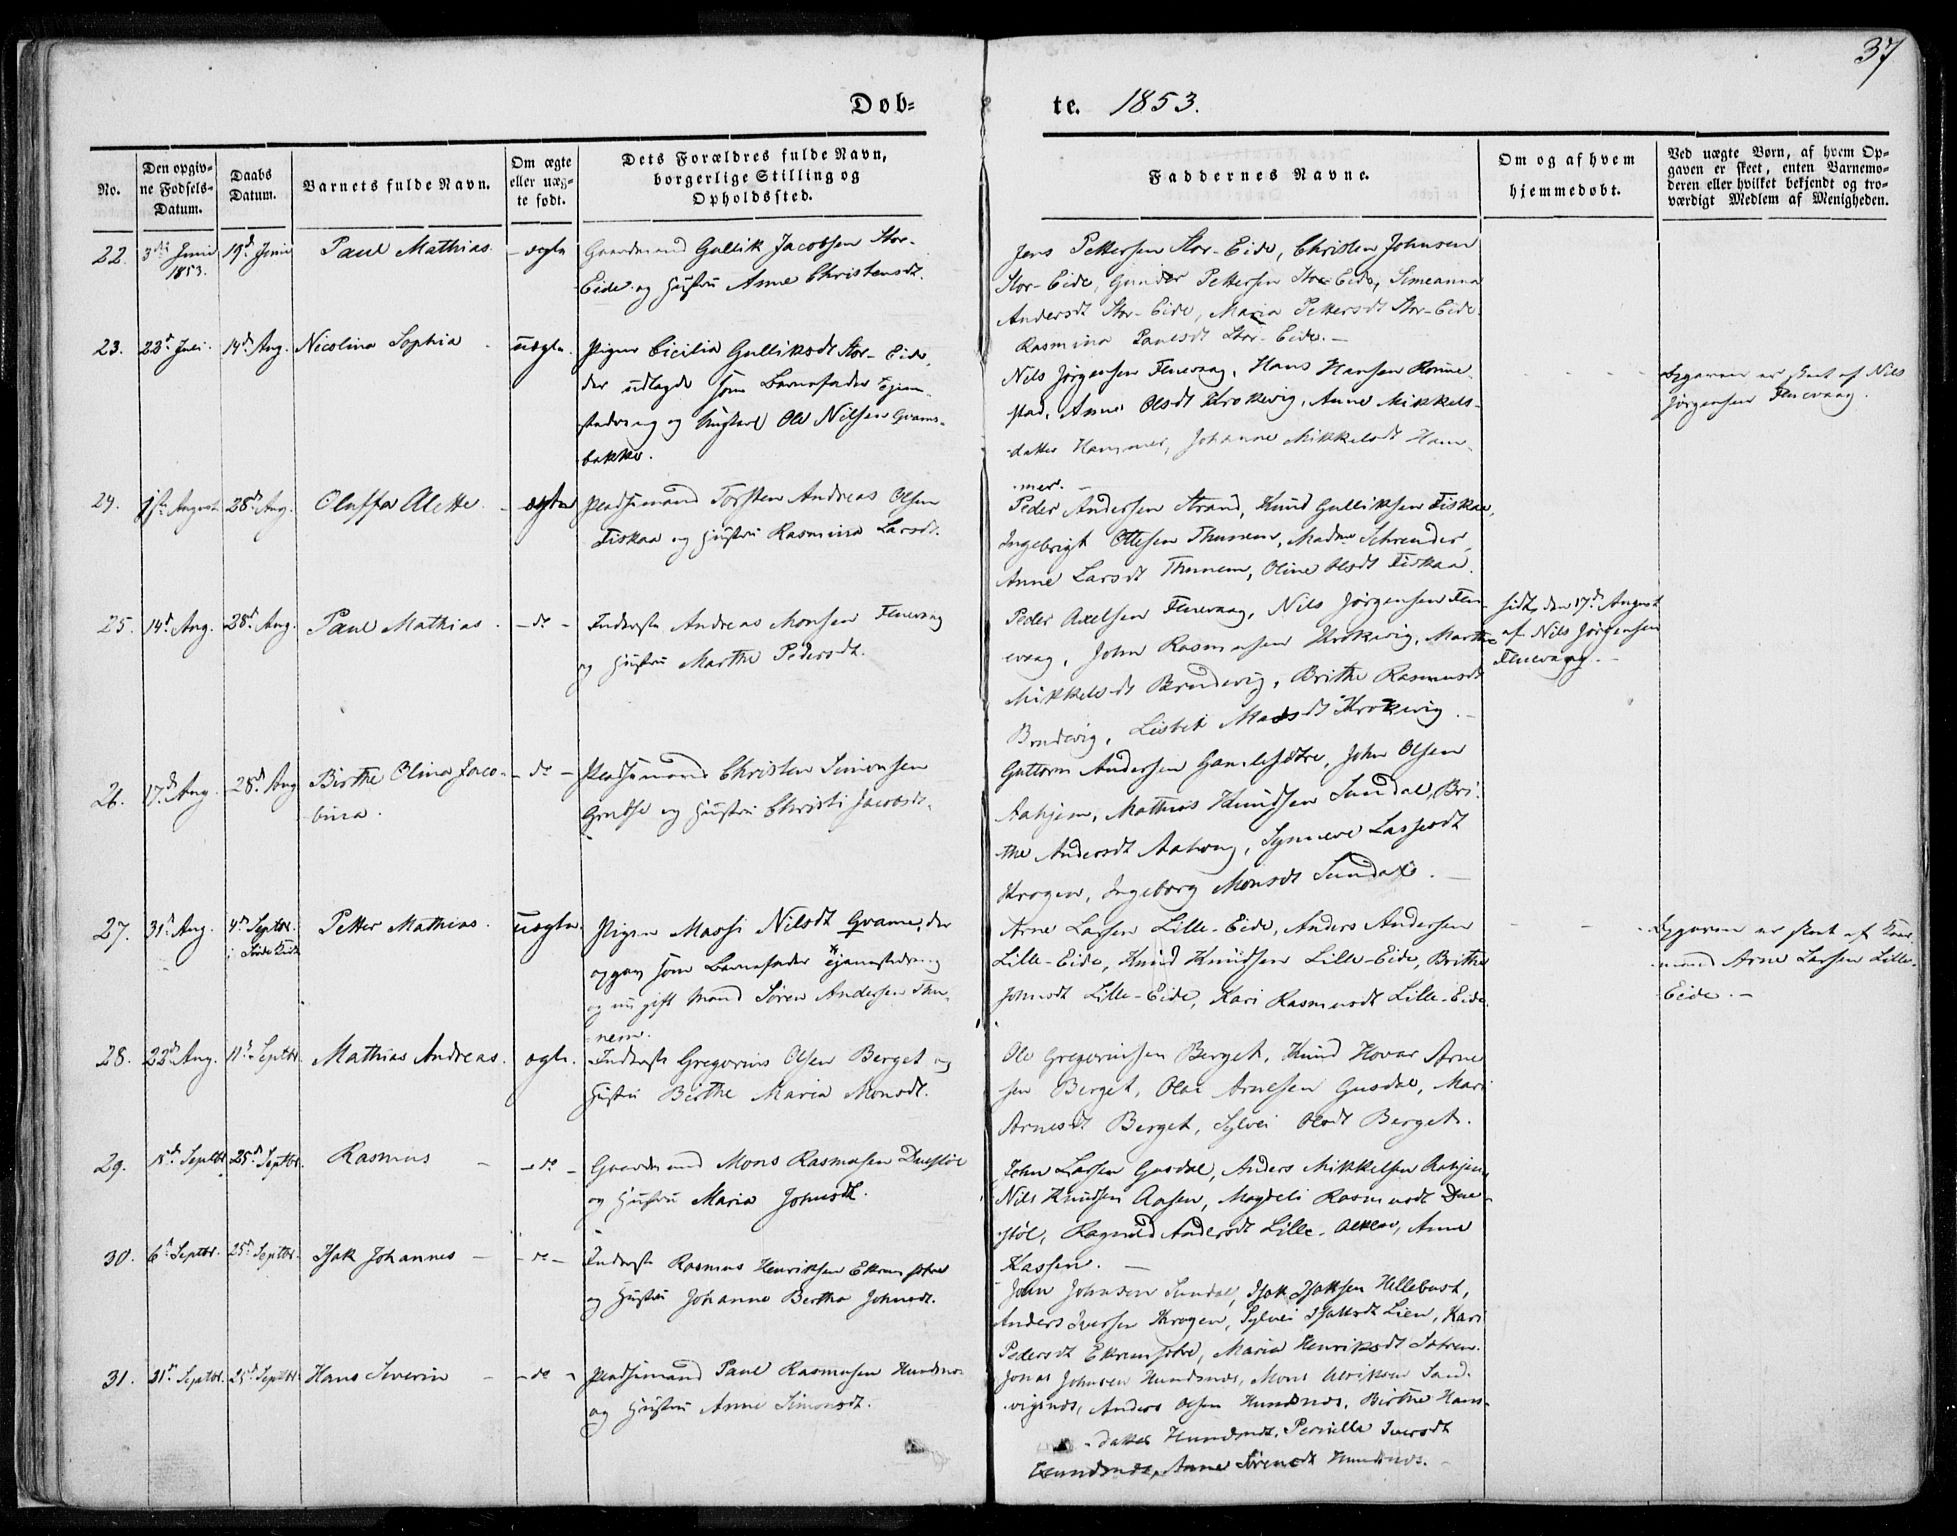 SAT, Ministerialprotokoller, klokkerbøker og fødselsregistre - Møre og Romsdal, 501/L0006: Ministerialbok nr. 501A06, 1844-1868, s. 37